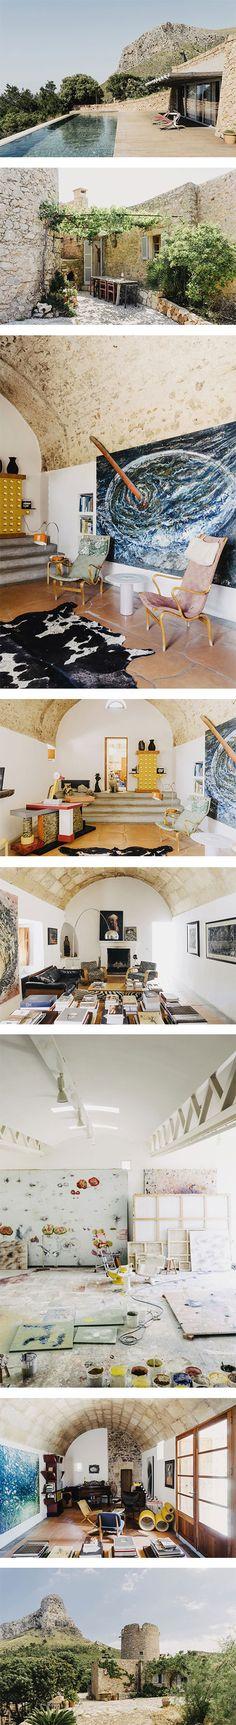 Miquel Barcelo's House and Studio in Mallorca, Spain via Nuji.com